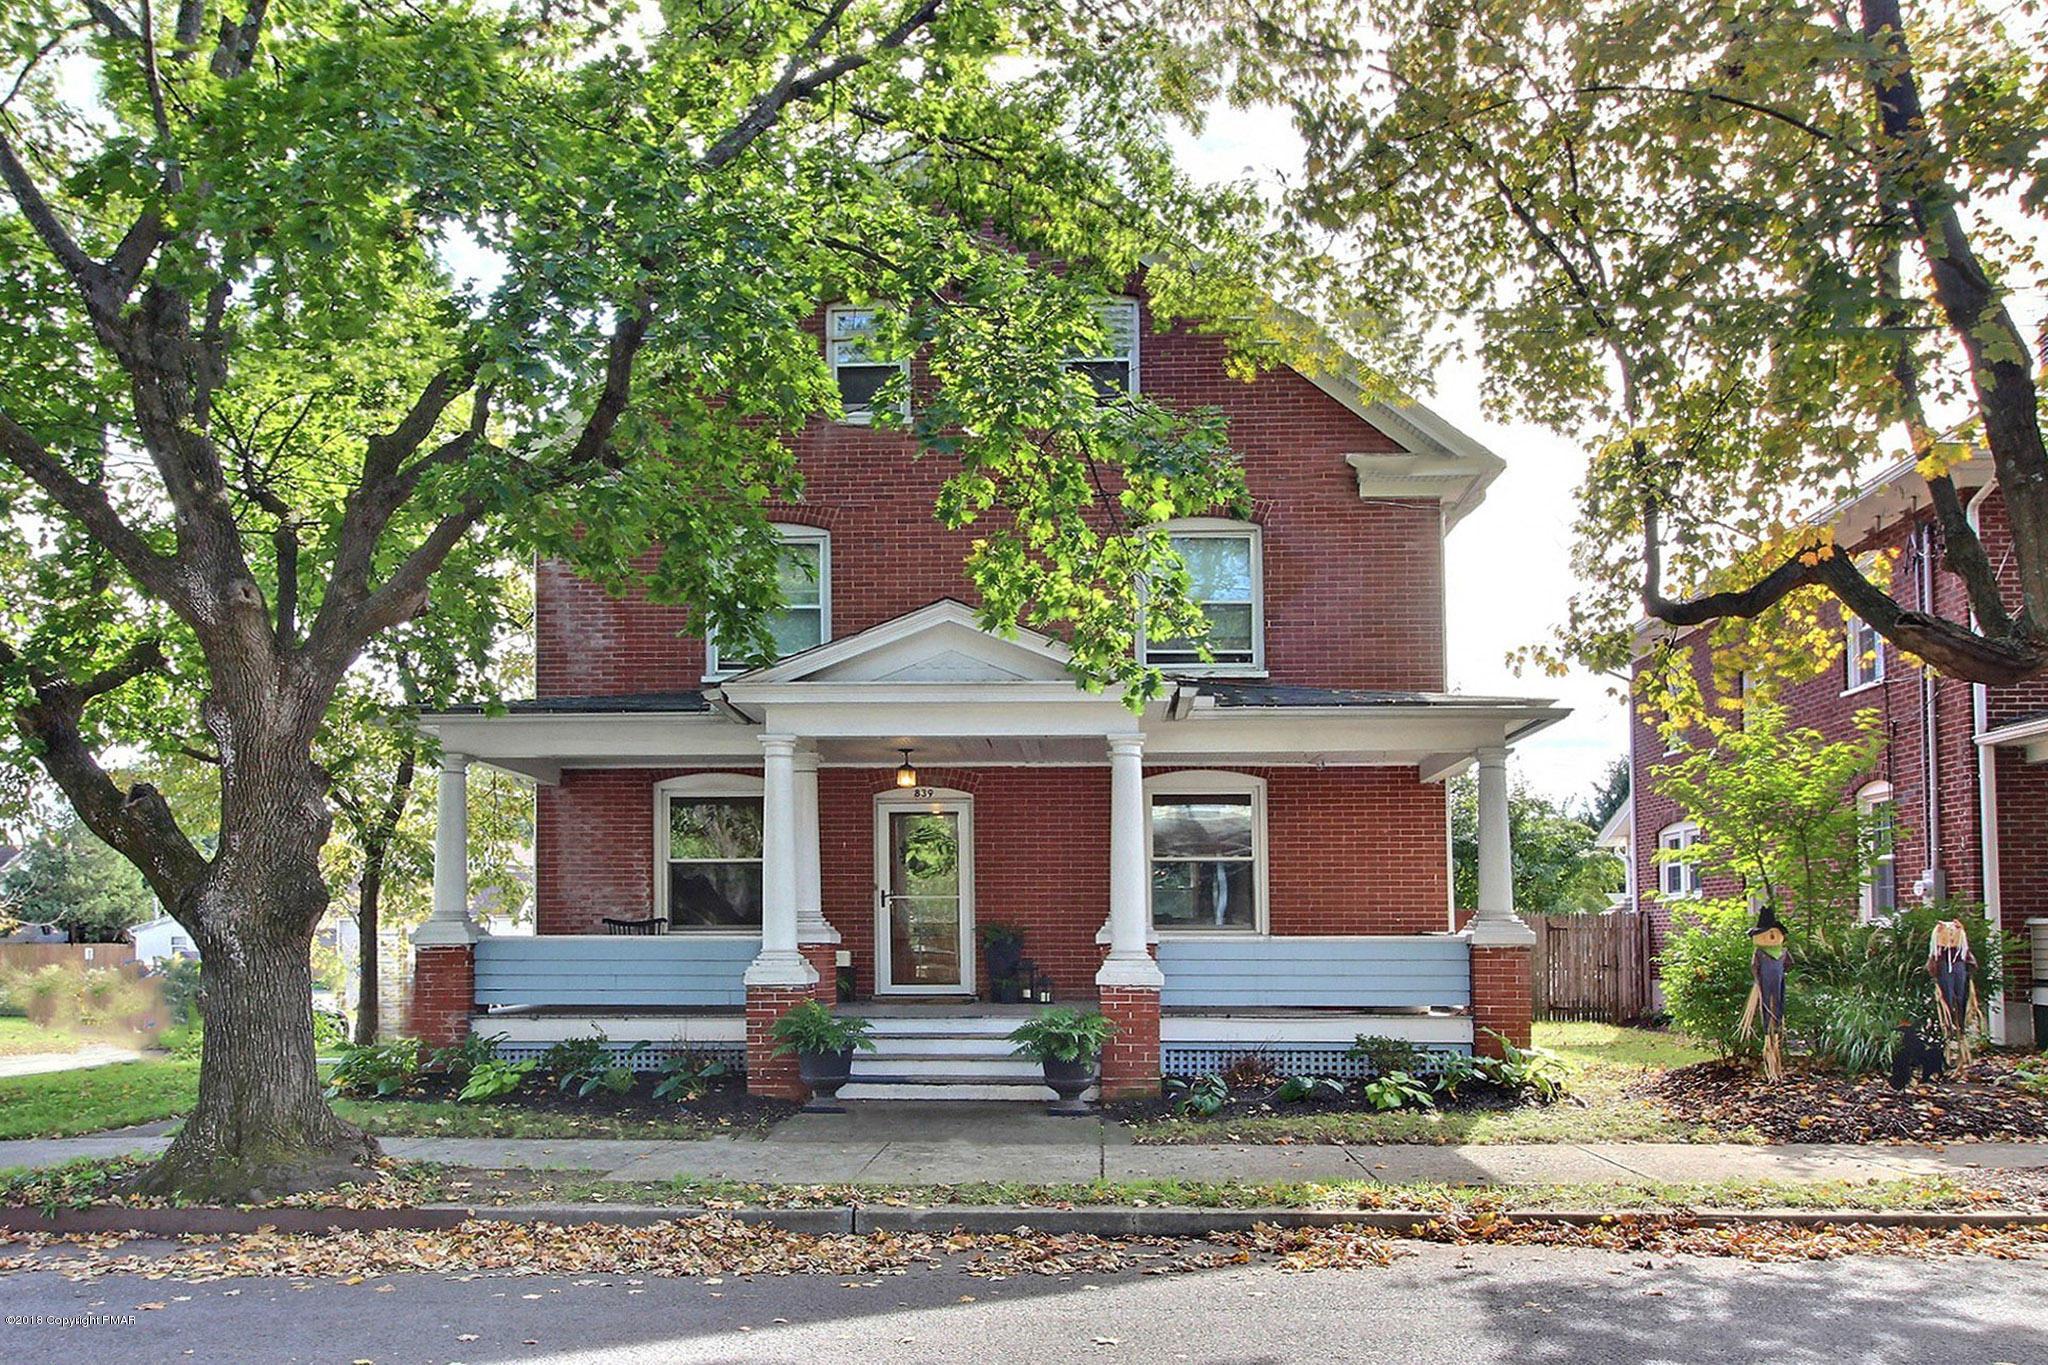 839 Scott St, Stroudsburg, PA 18360